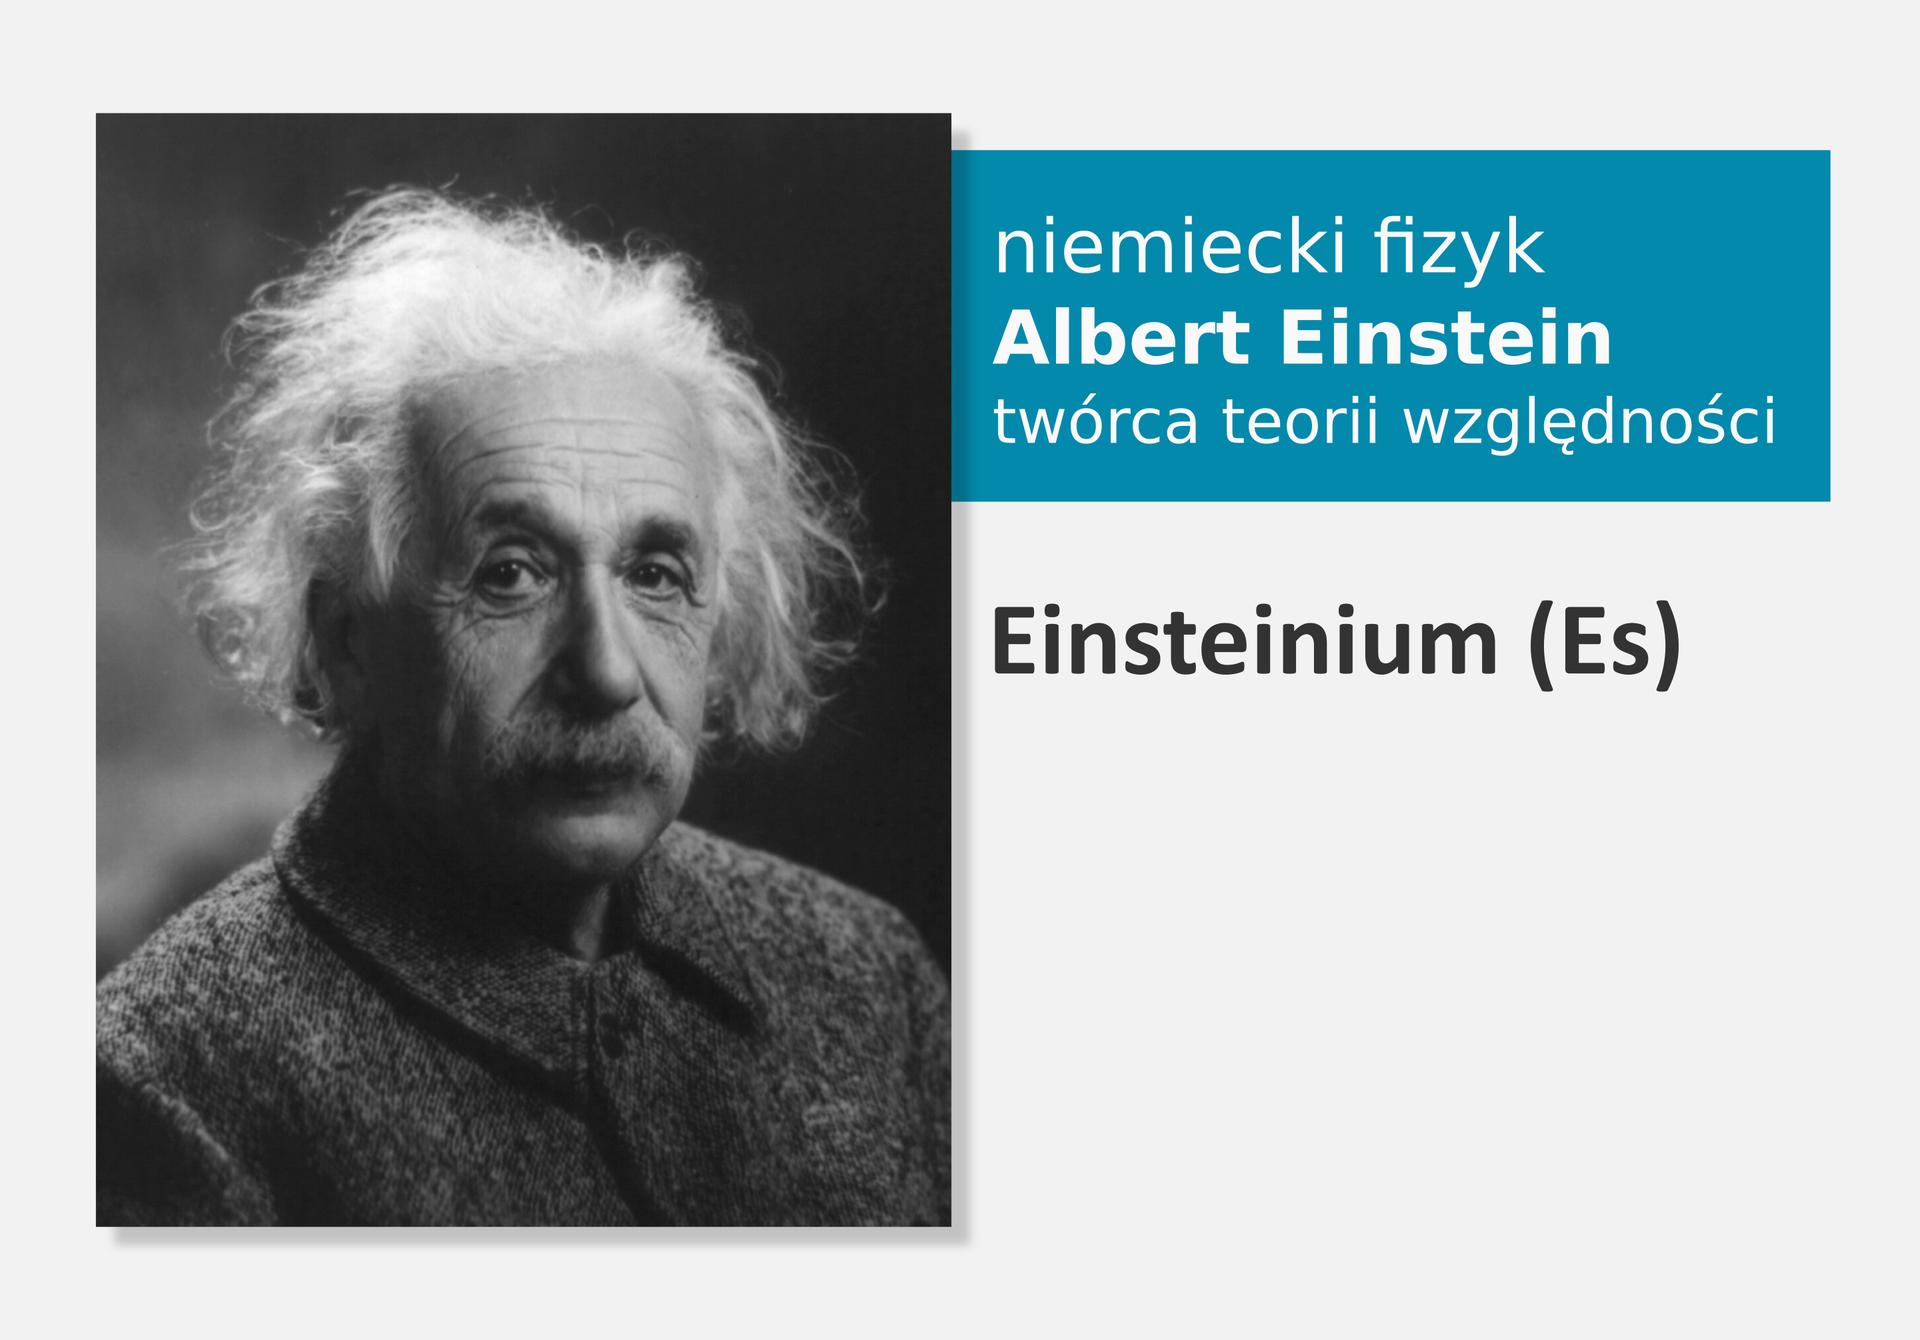 Fotografia niemieckiego fizyka Alberta Einsteina, obok nazwa isymbol pierwiastka Einsteinum (Es)